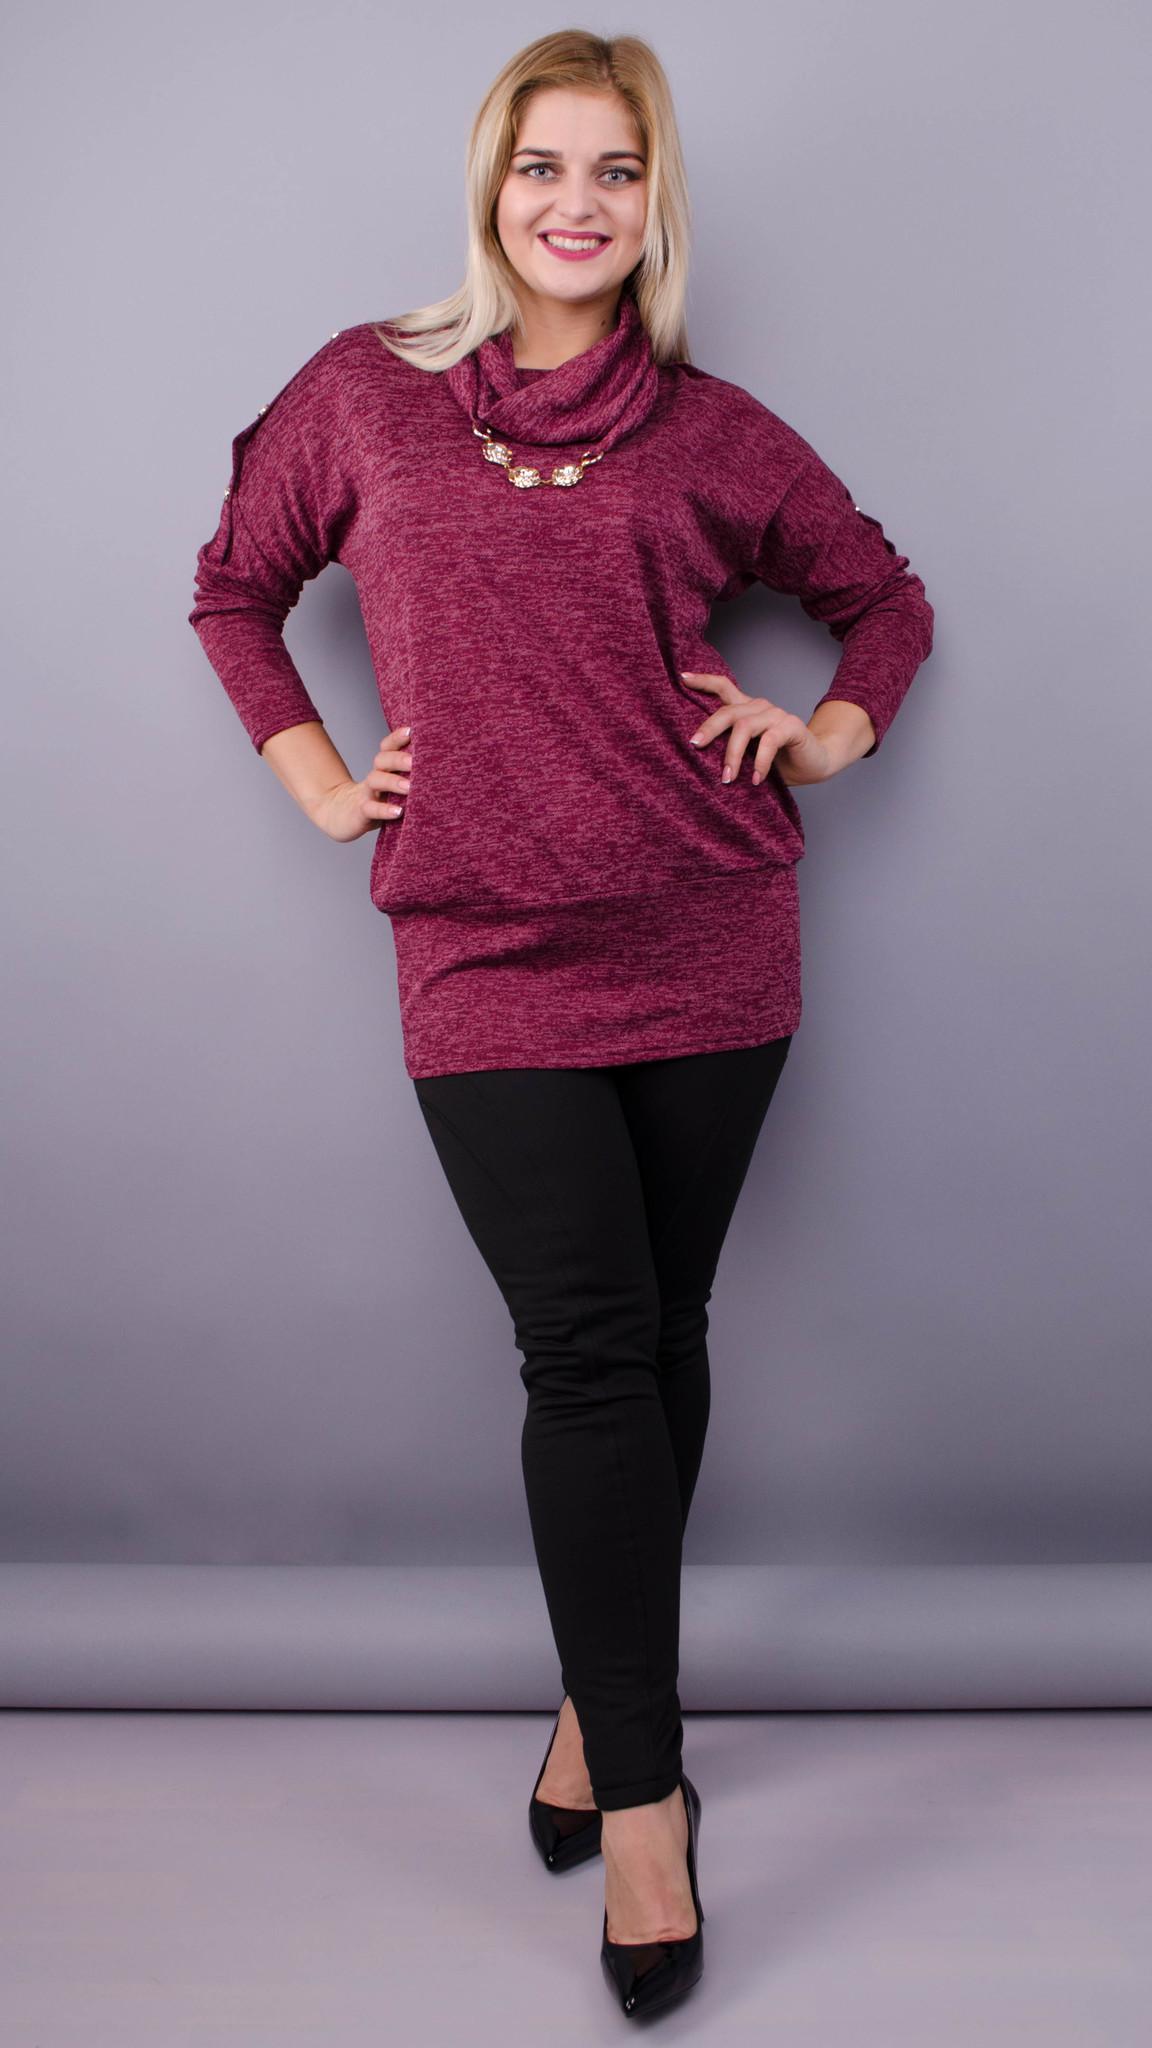 Кофточка с шарфом Муза (бордо)